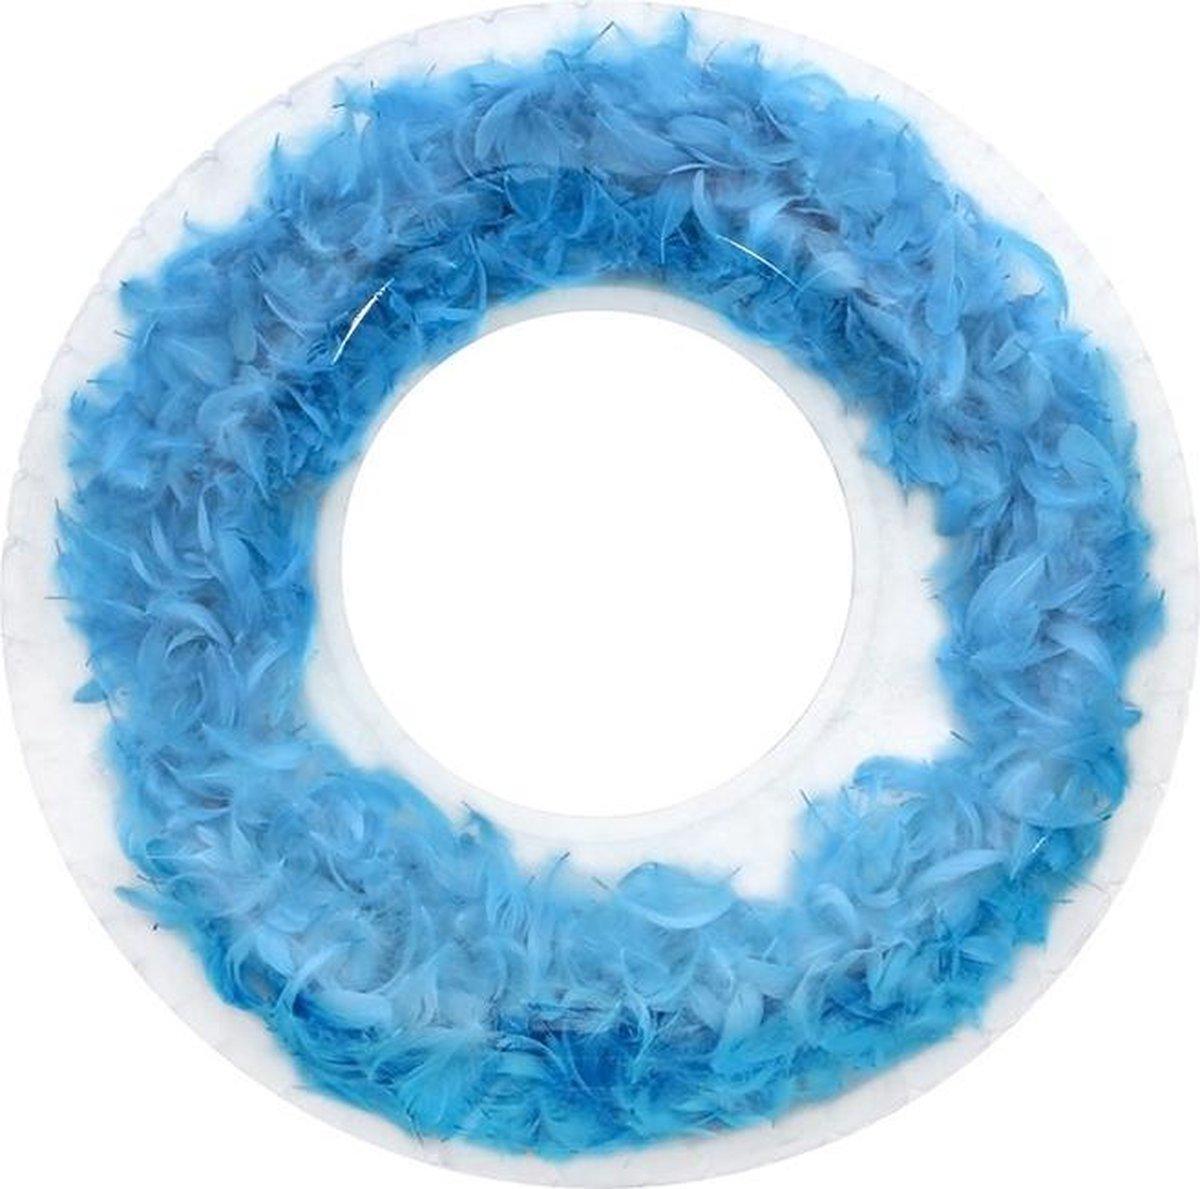 ✿Brenlux ® Opblaasbaar waterspeelgoed - Zwemband - Opblaasbare ring met pluimen - Trendy zwembadspeelgoed - Ronde opblaasbare ring met echte pluimen in - Grote opblaasbare ring van 90 cm - Zwembadring met veren